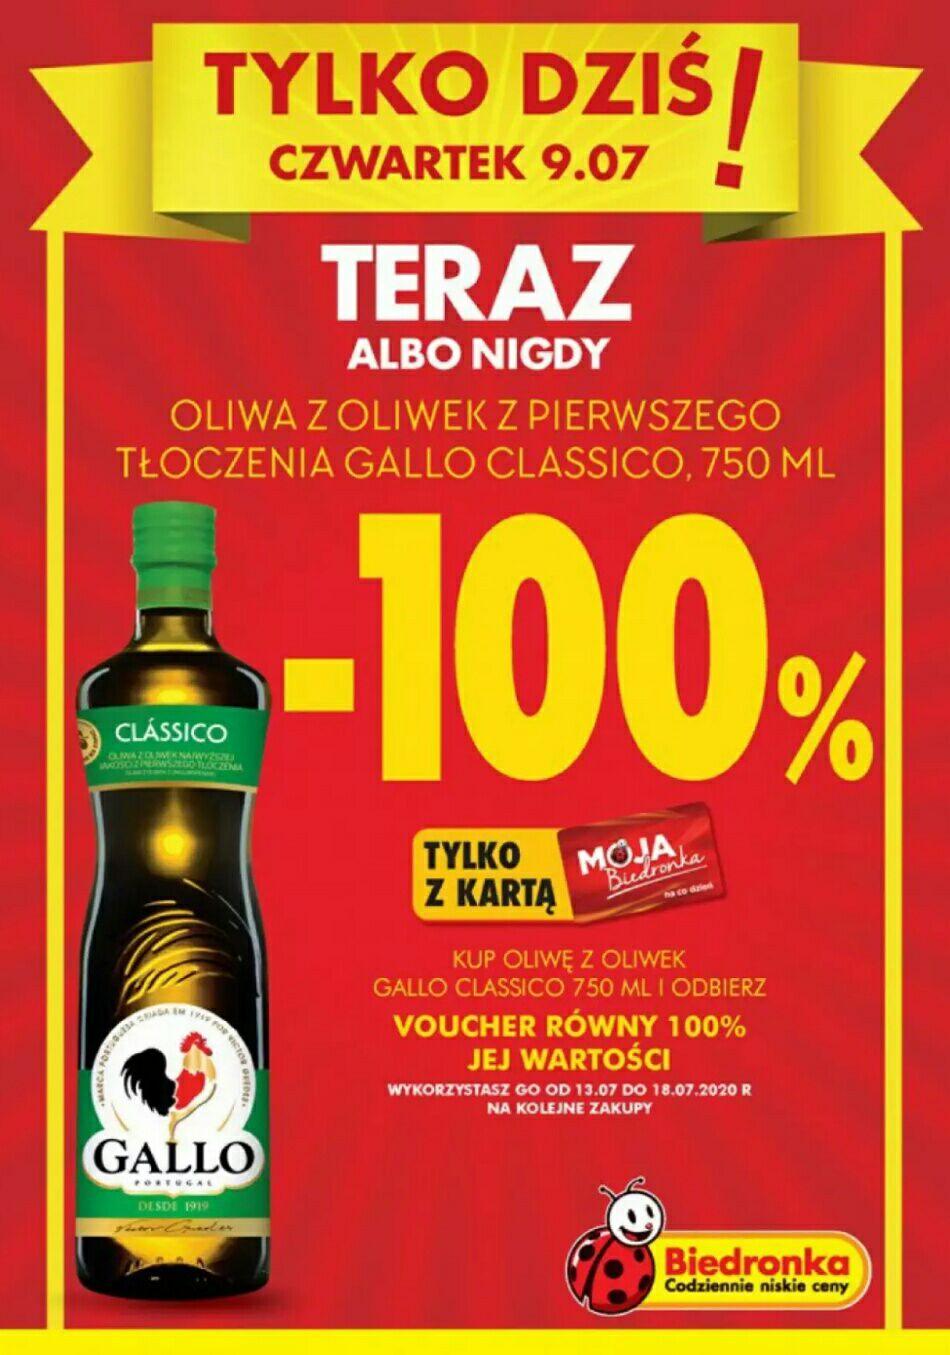 Biedronka, Voucher 100% kwoty wydanej na oliwę z oliwek Gallo Clássico 750ml